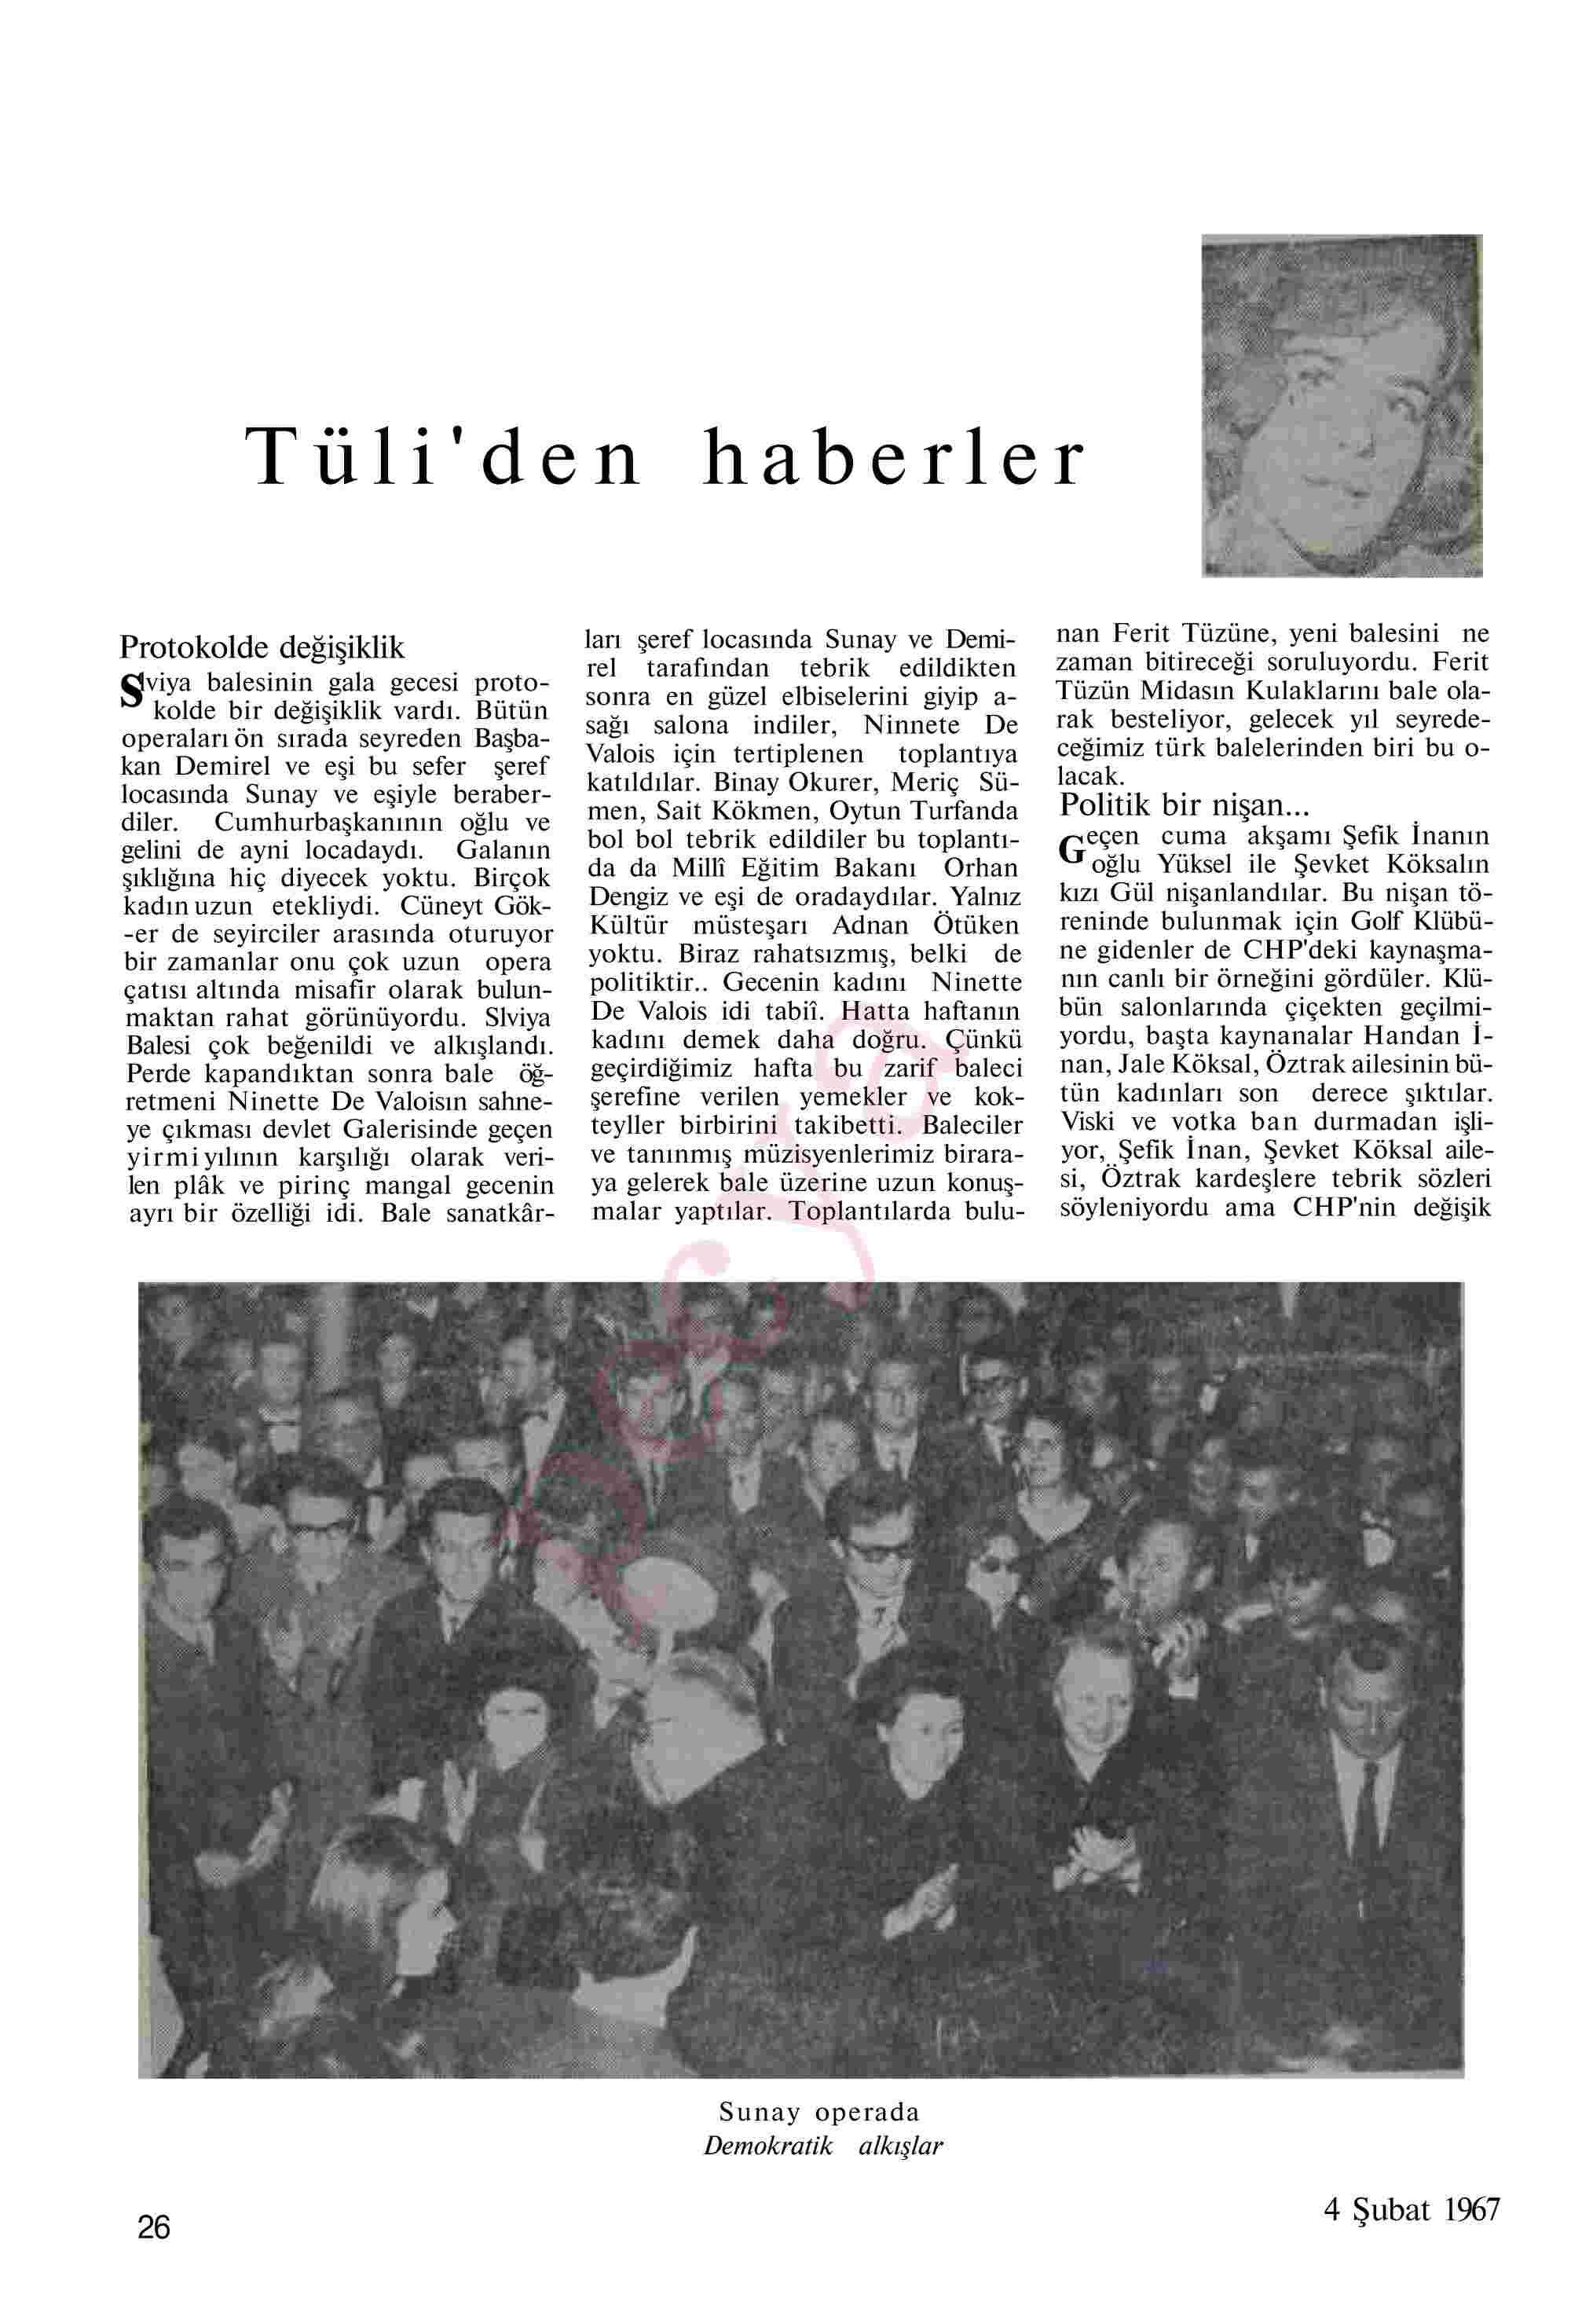 4 Şubat 1967 Tarihli Akis Dergisi Sayfa 26